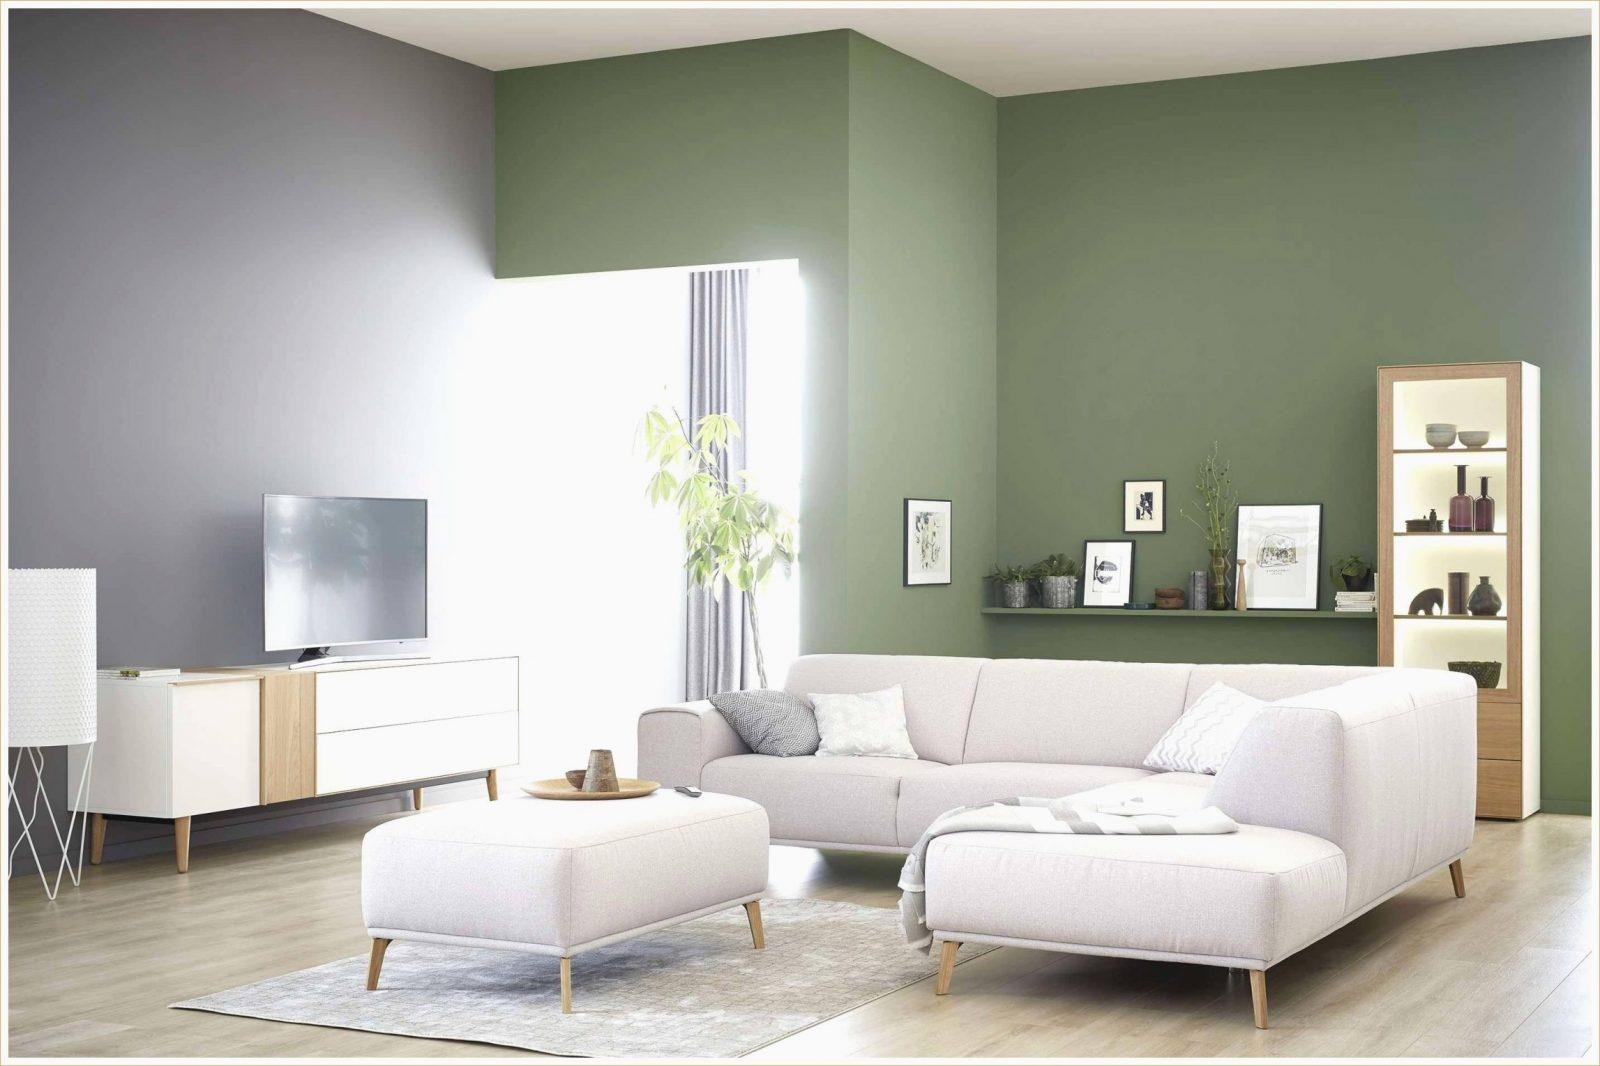 Tapeten Schöner Wohnen Meinung 31 Das Beste Von Heuer von Schöner Wohnen Farbe Jade Bild